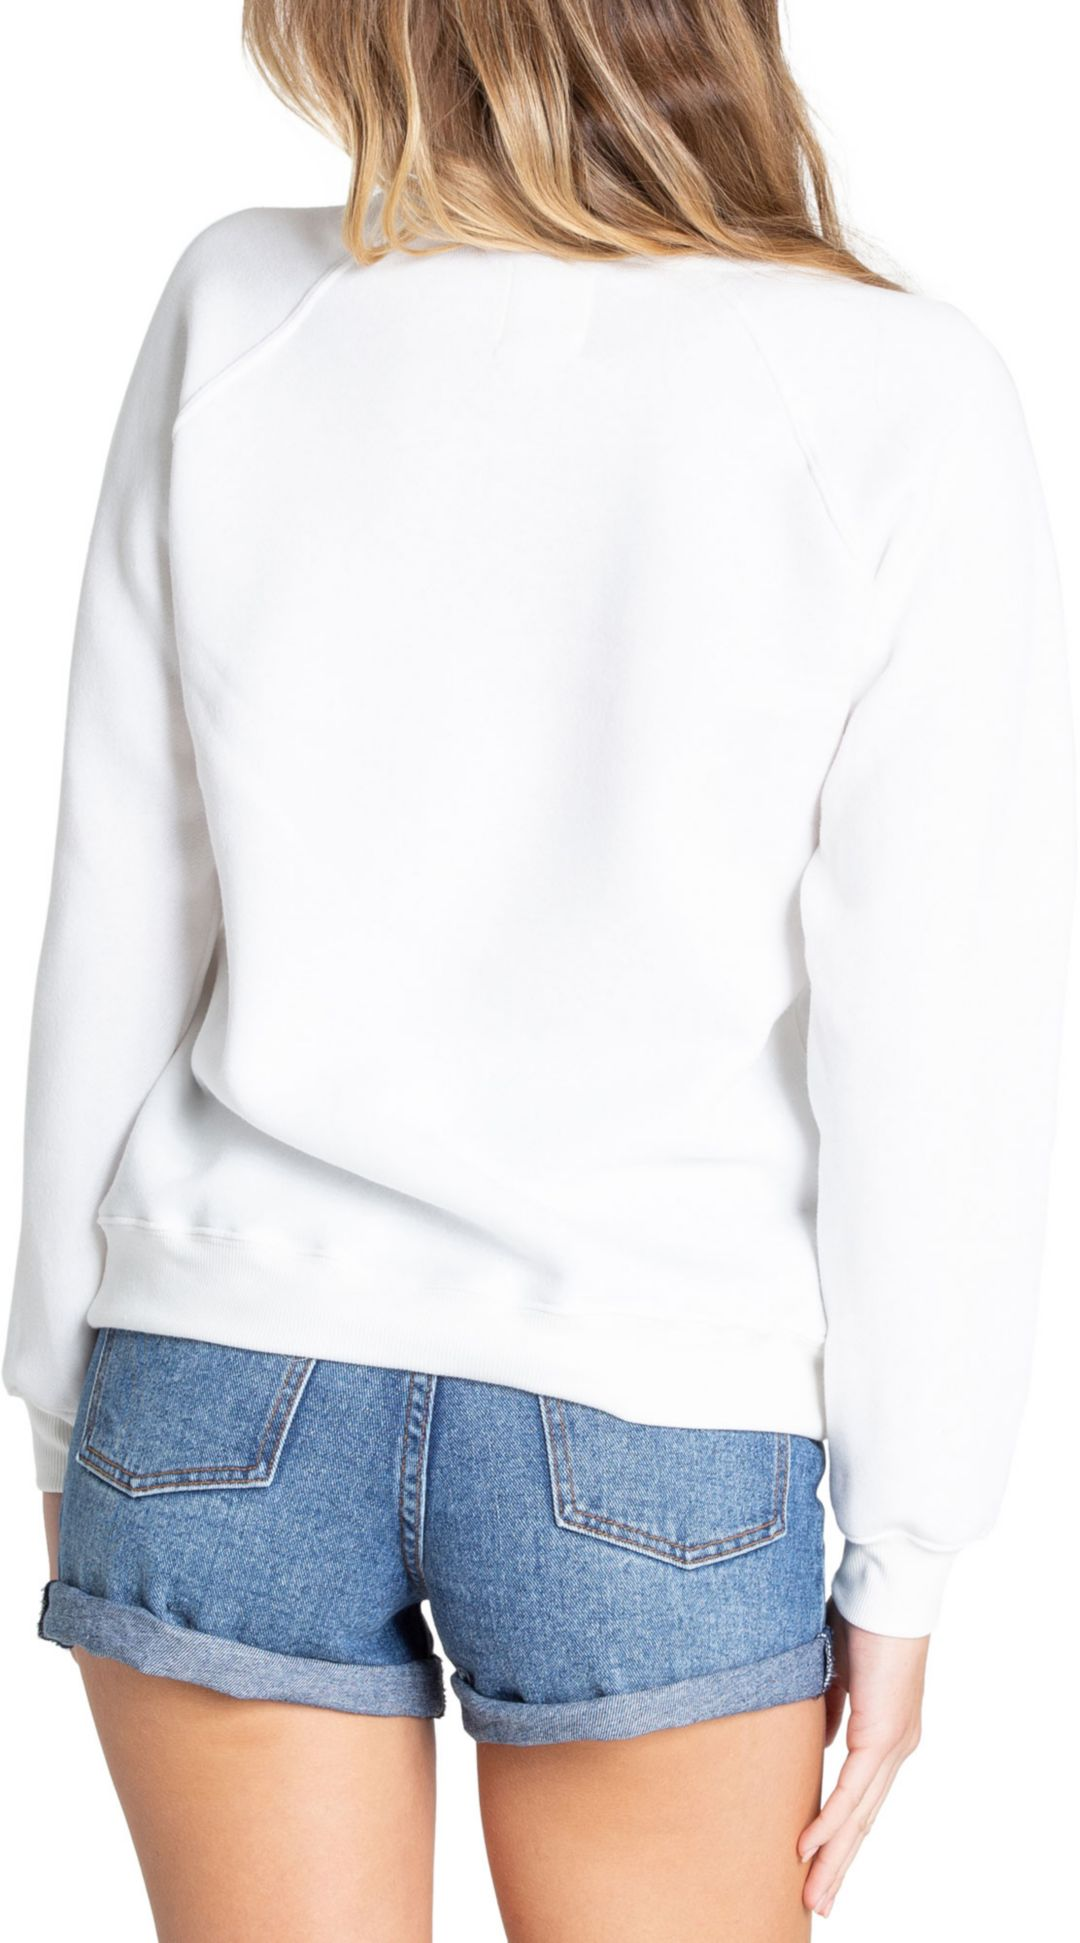 e299cce3 Billabong Women's Wish You Were Here Fleece Sweatshirt | DICK'S ...